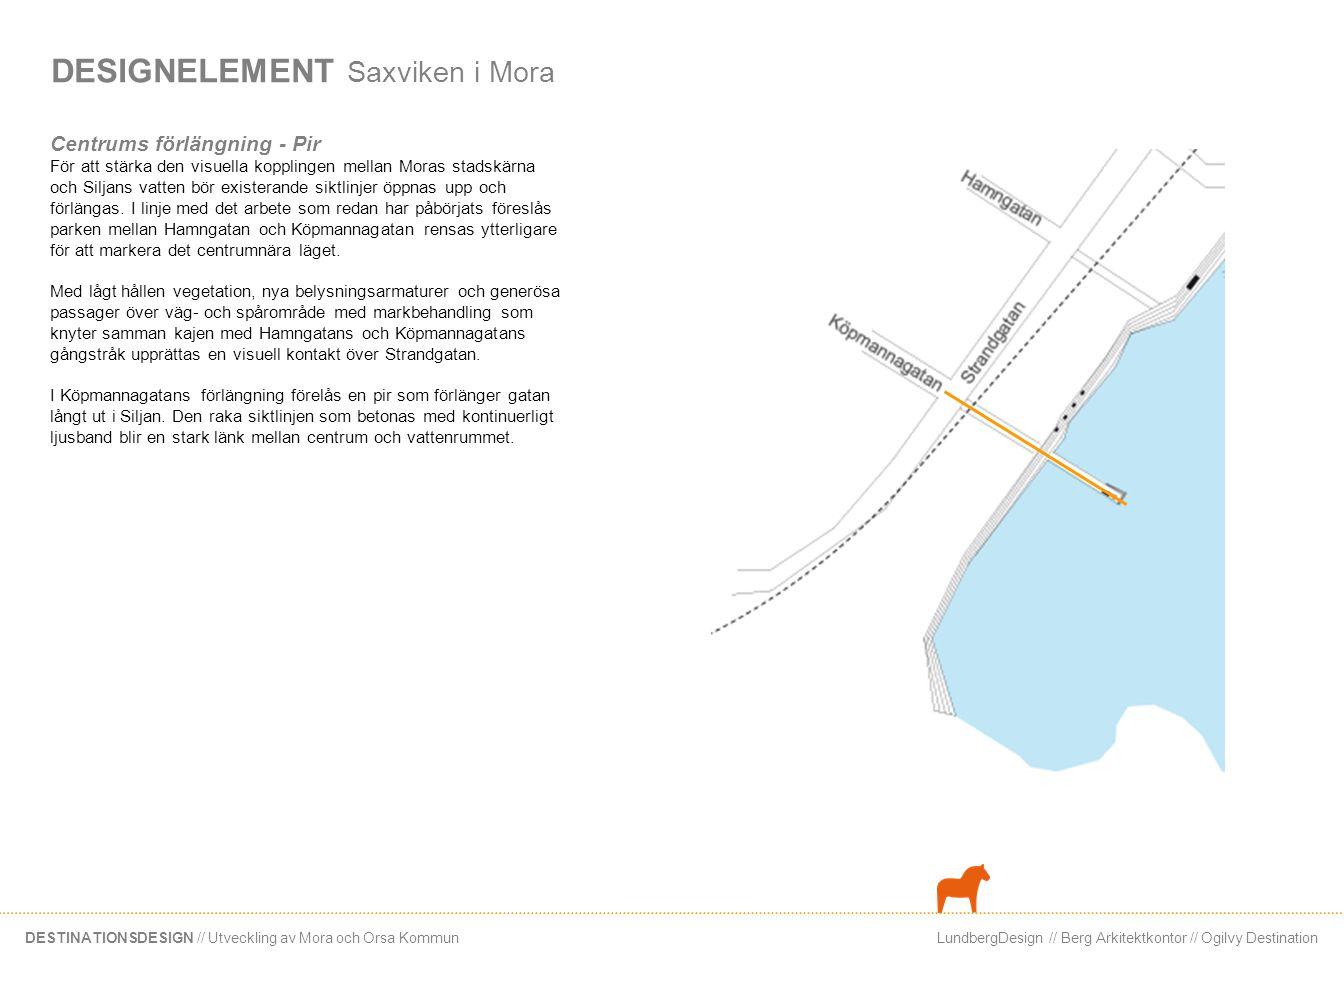 LundbergDesign // Berg Arkitektkontor // Ogilvy DestinationDESTINATIONSDESIGN // Utveckling av Mora och Orsa Kommun DESIGNELEMENT Gesunda Ziplinetorn Skissförslag på ett ziplinetorn som skulle kunna placeras på Gesundaberget i Mora.